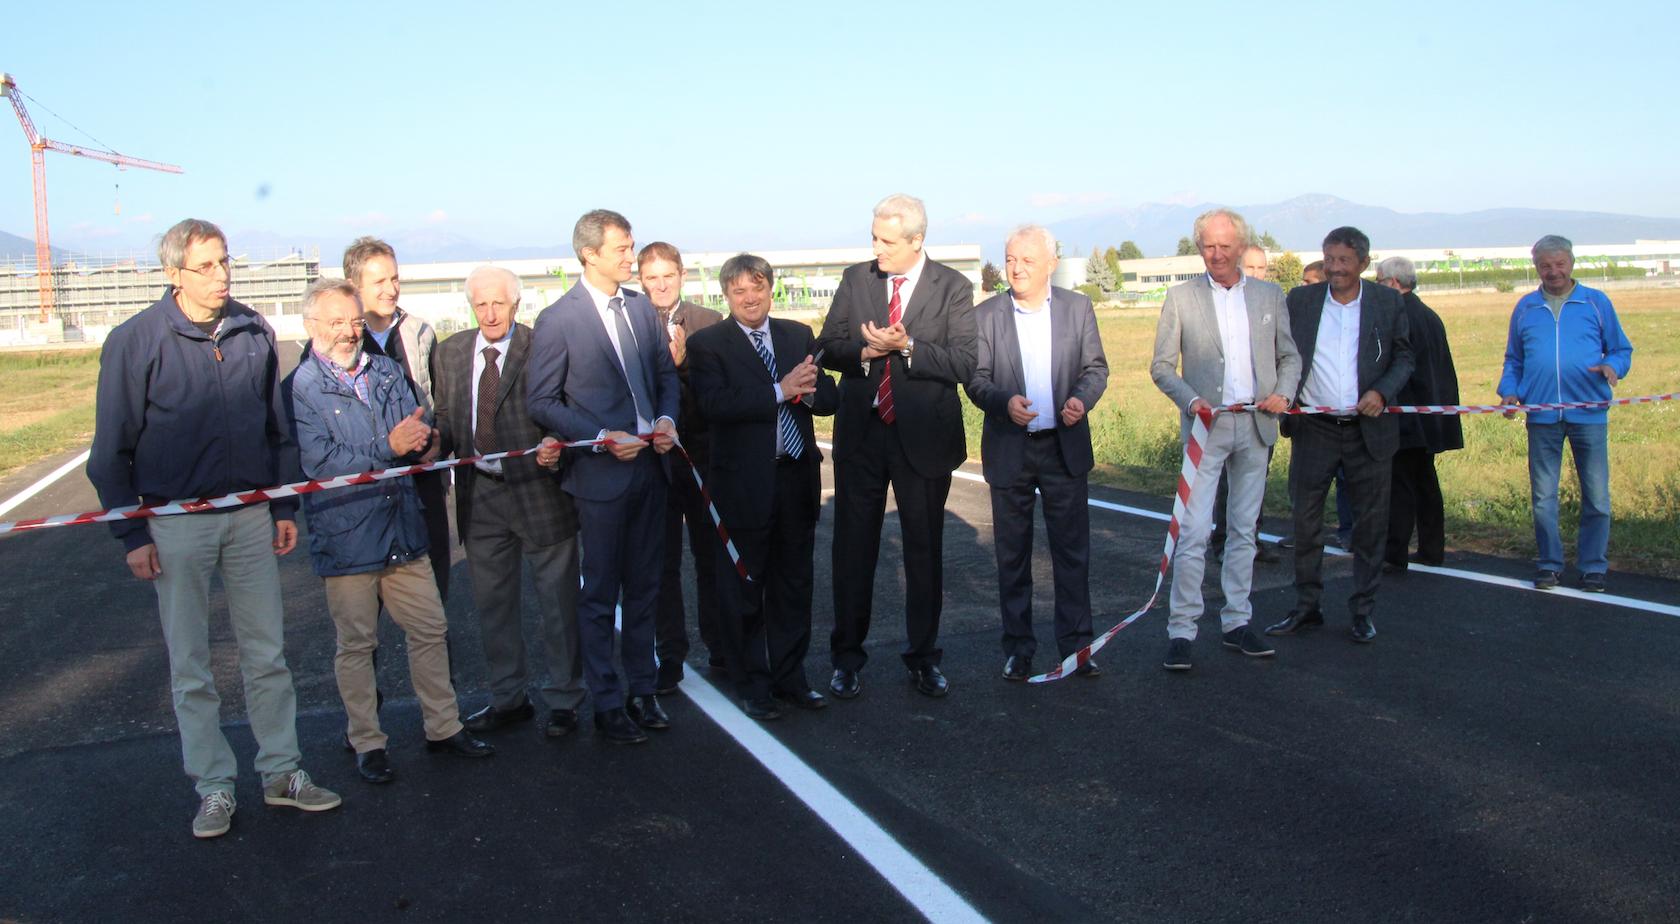 La Guida - Inaugurata nuova bretella stradale a San Defendente di Cervasca